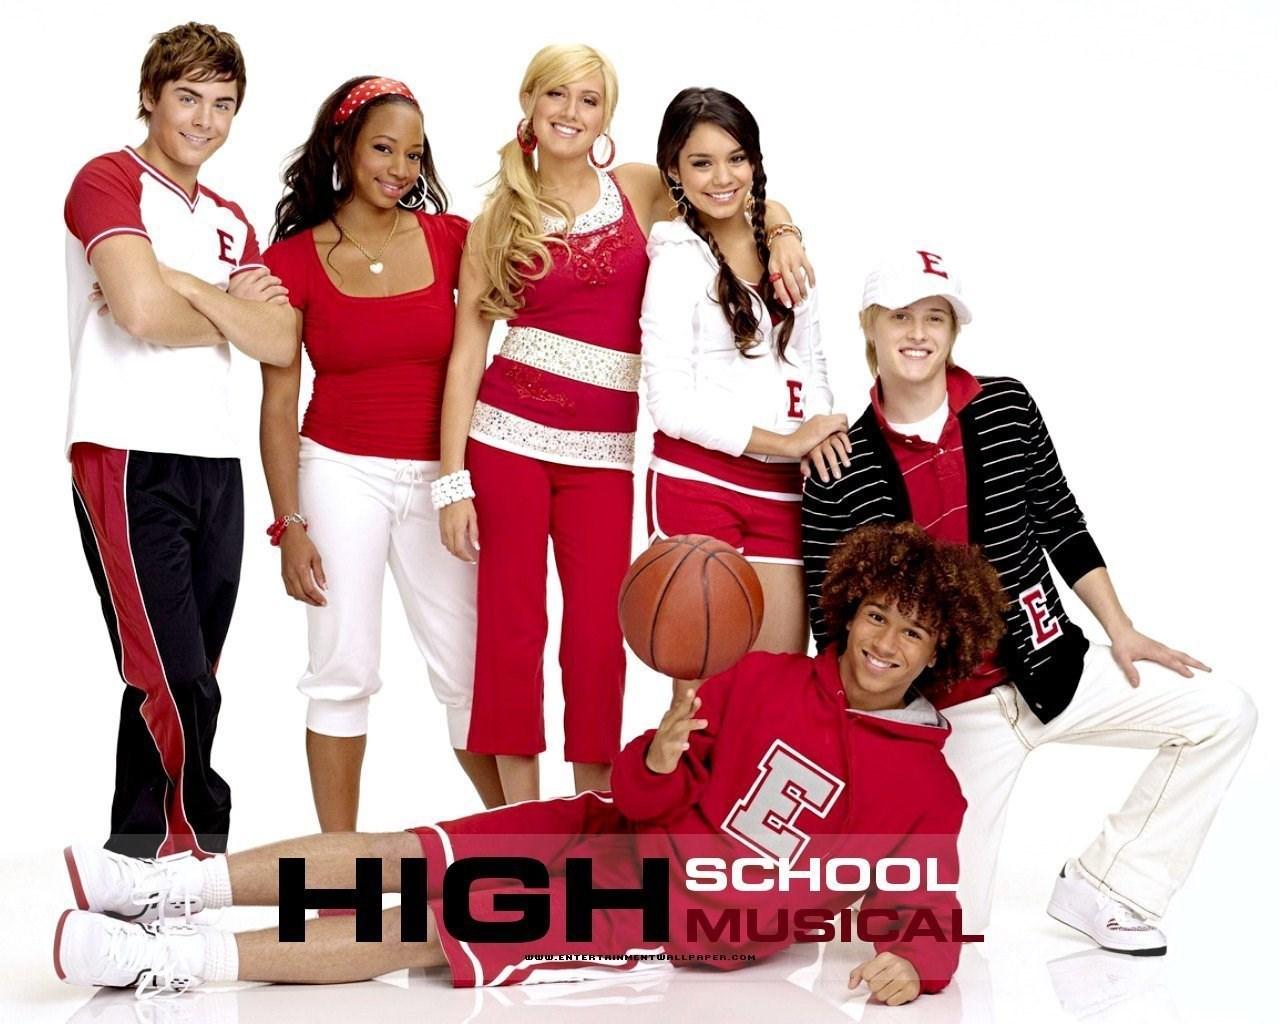 hsm high school musical wallpapers (7091916) fanpop desktop background